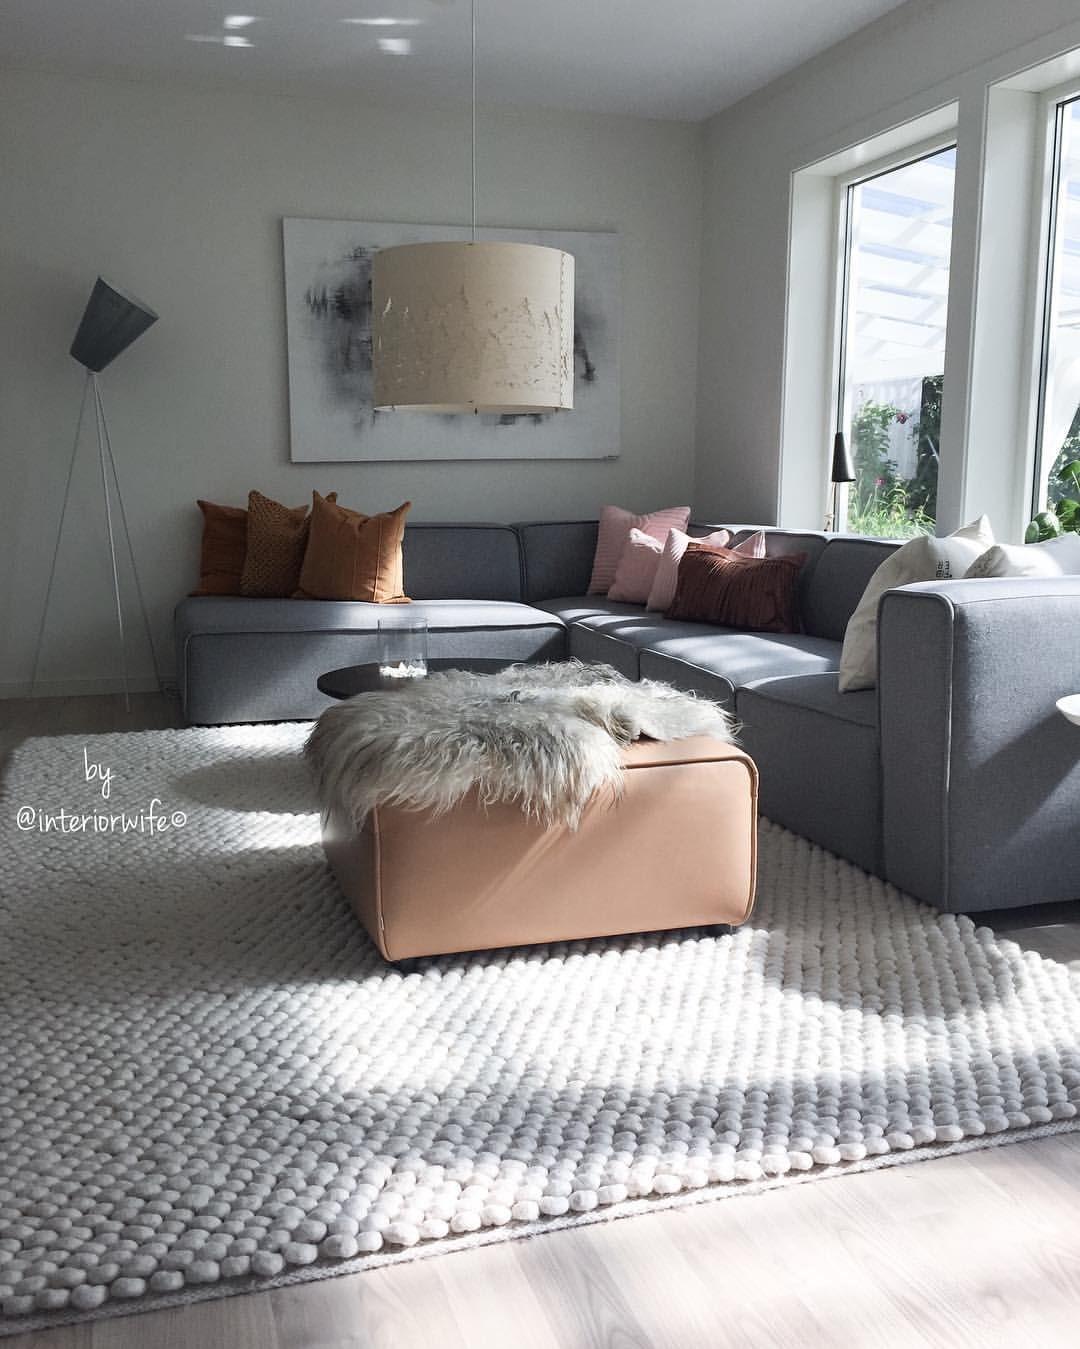 """1,230 likerklikk, 35 kommentarer – Interior, Fashion & Garden (@interiorwife) på Instagram: """"Sunlight in my livingroom ☀️ Nyter ettermiddager med sol og teller ned til ferie! Kun 🖖🏼 travle…"""""""